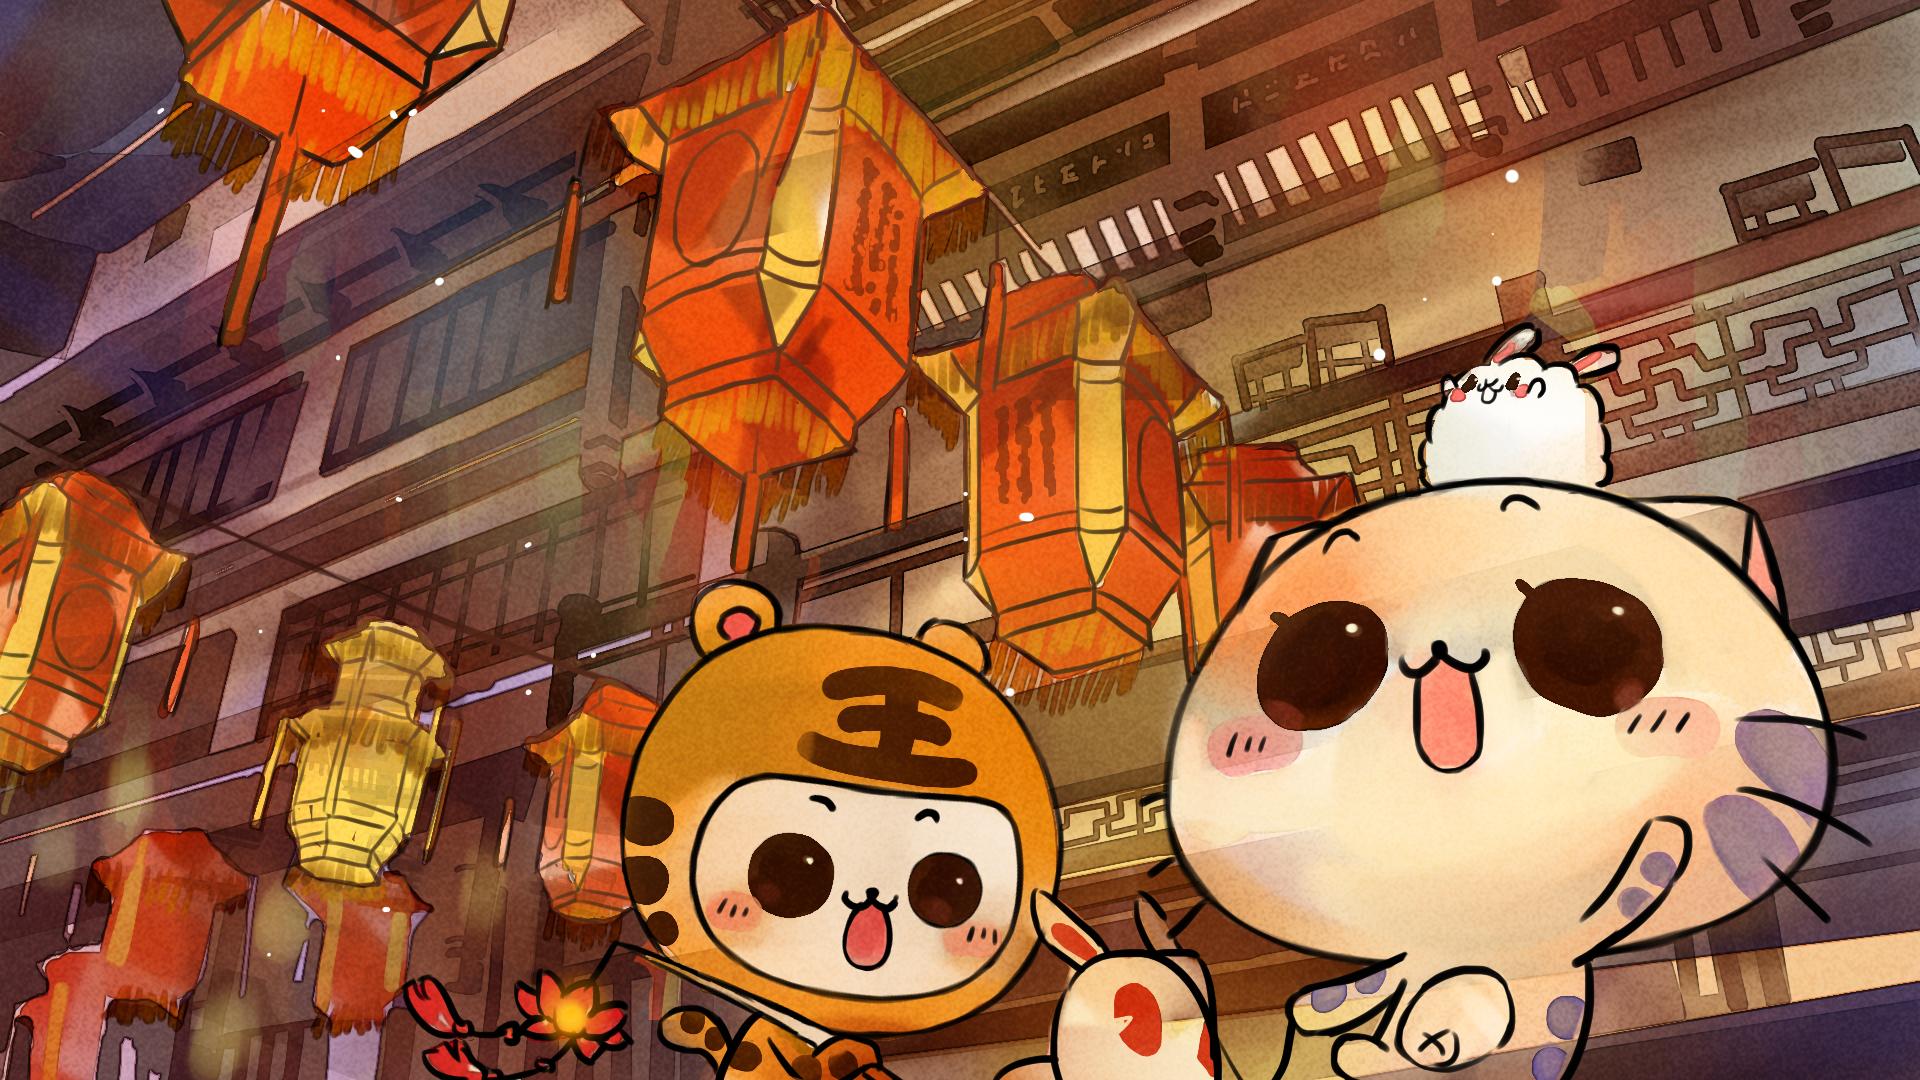 欢喜闹元宵高清节庆壁纸(2); 可爱卡通cc猫高清壁纸; 色1440x900高清